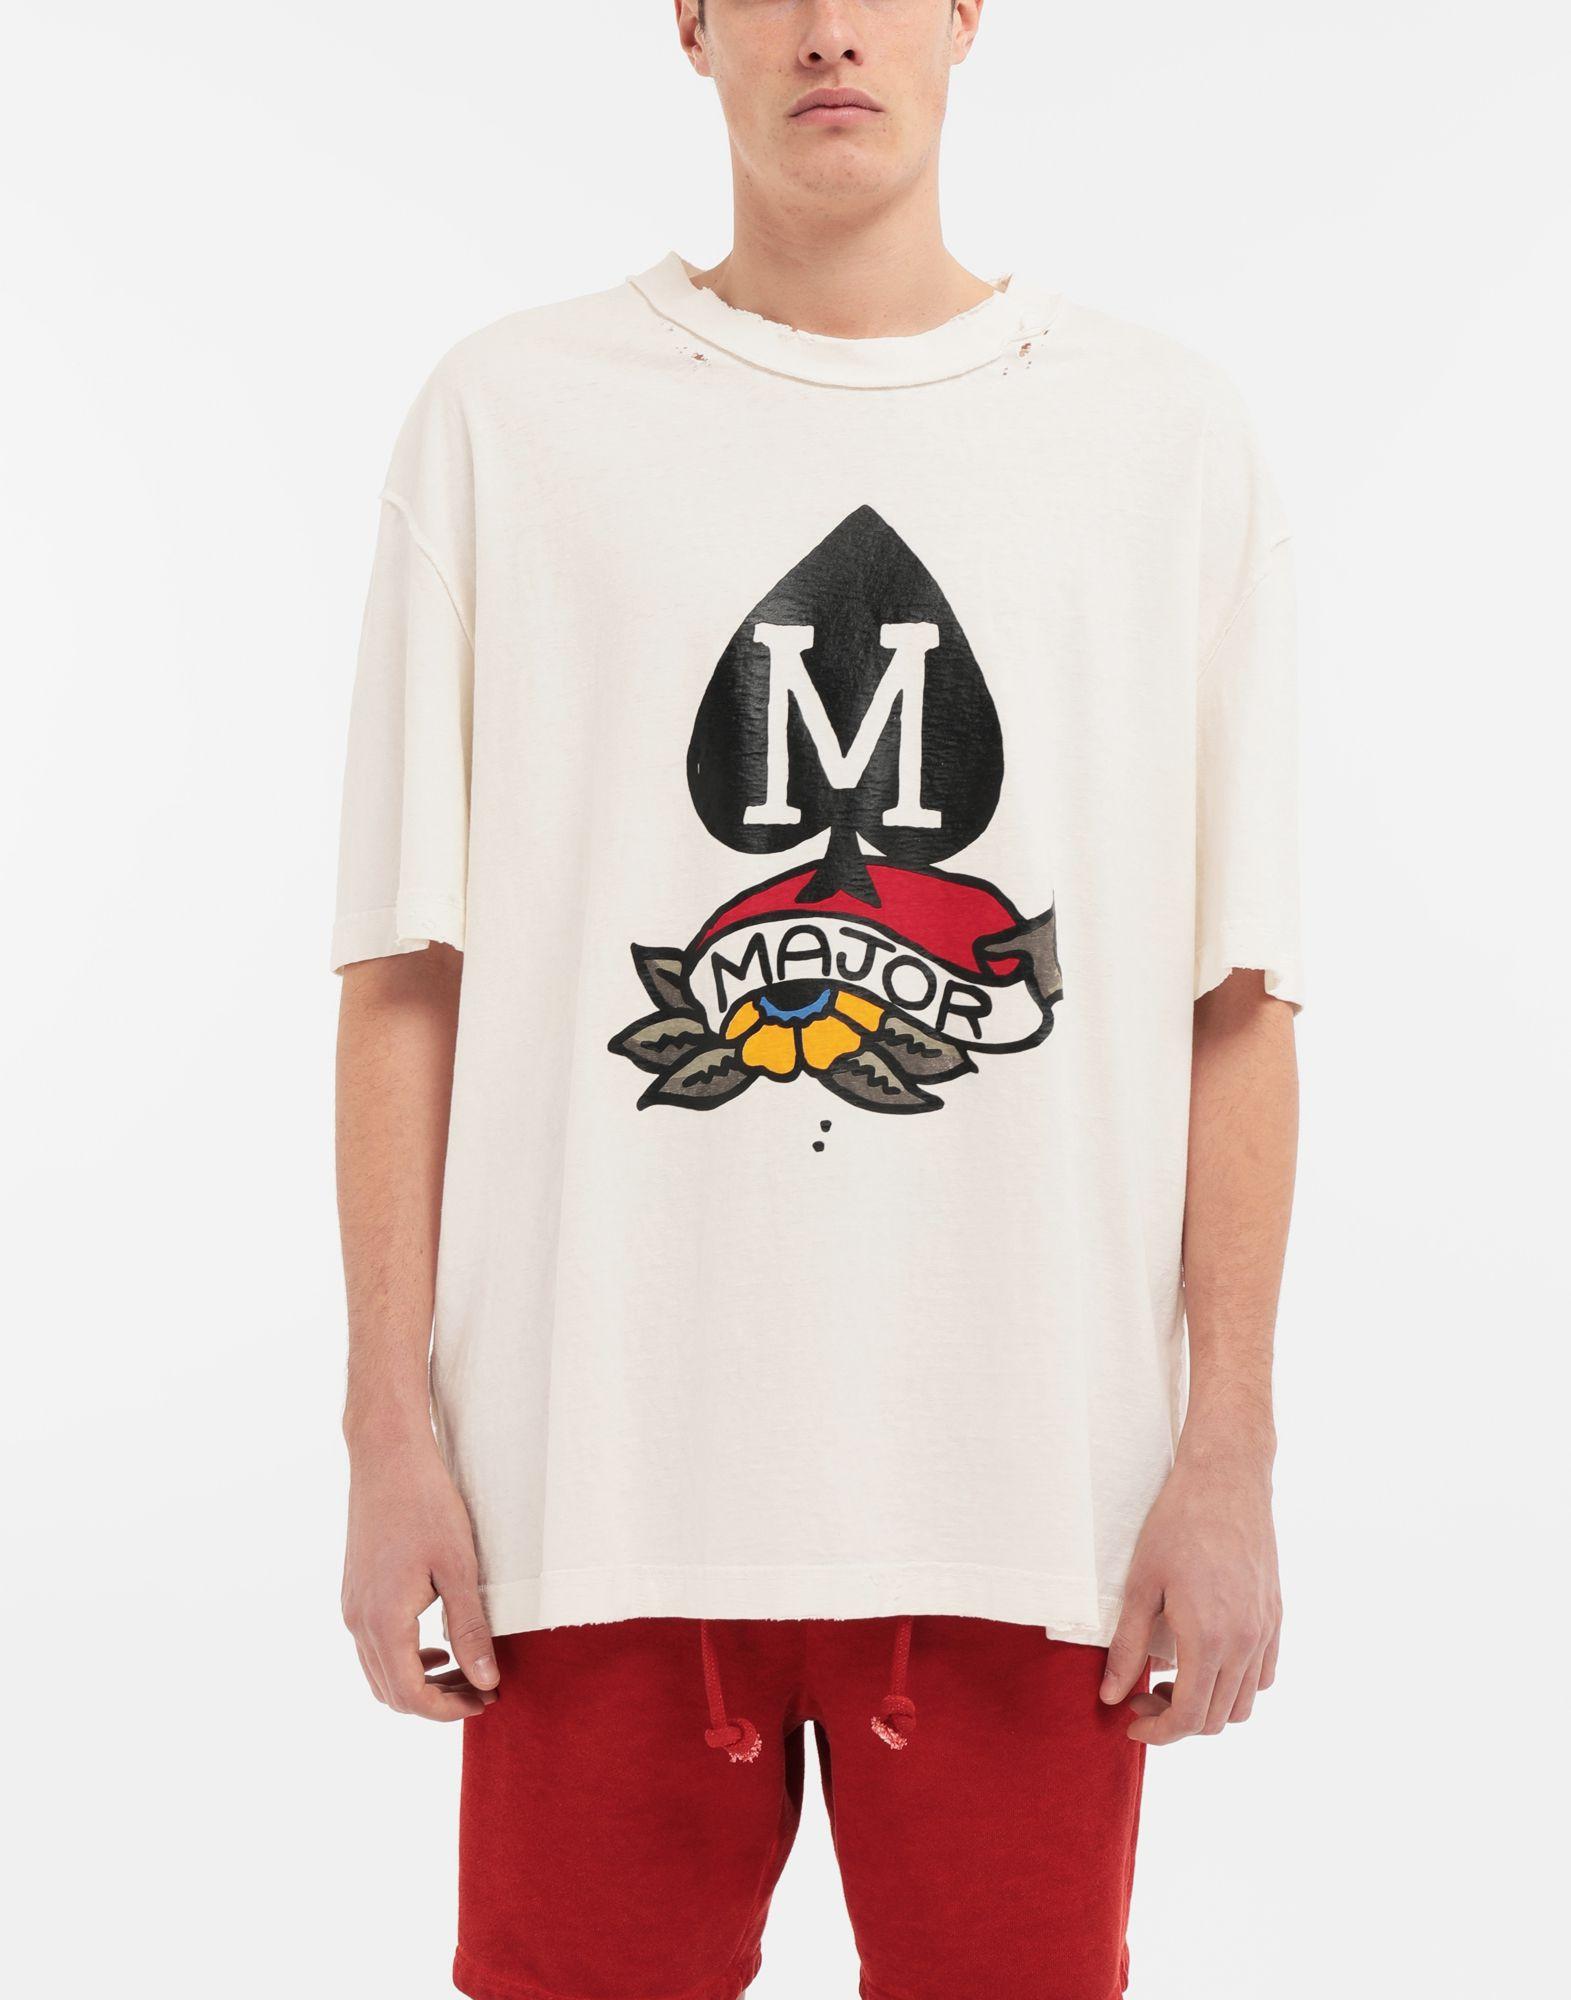 MAISON MARGIELA M Spade logo printed T-shirt Short sleeve t-shirt Man r